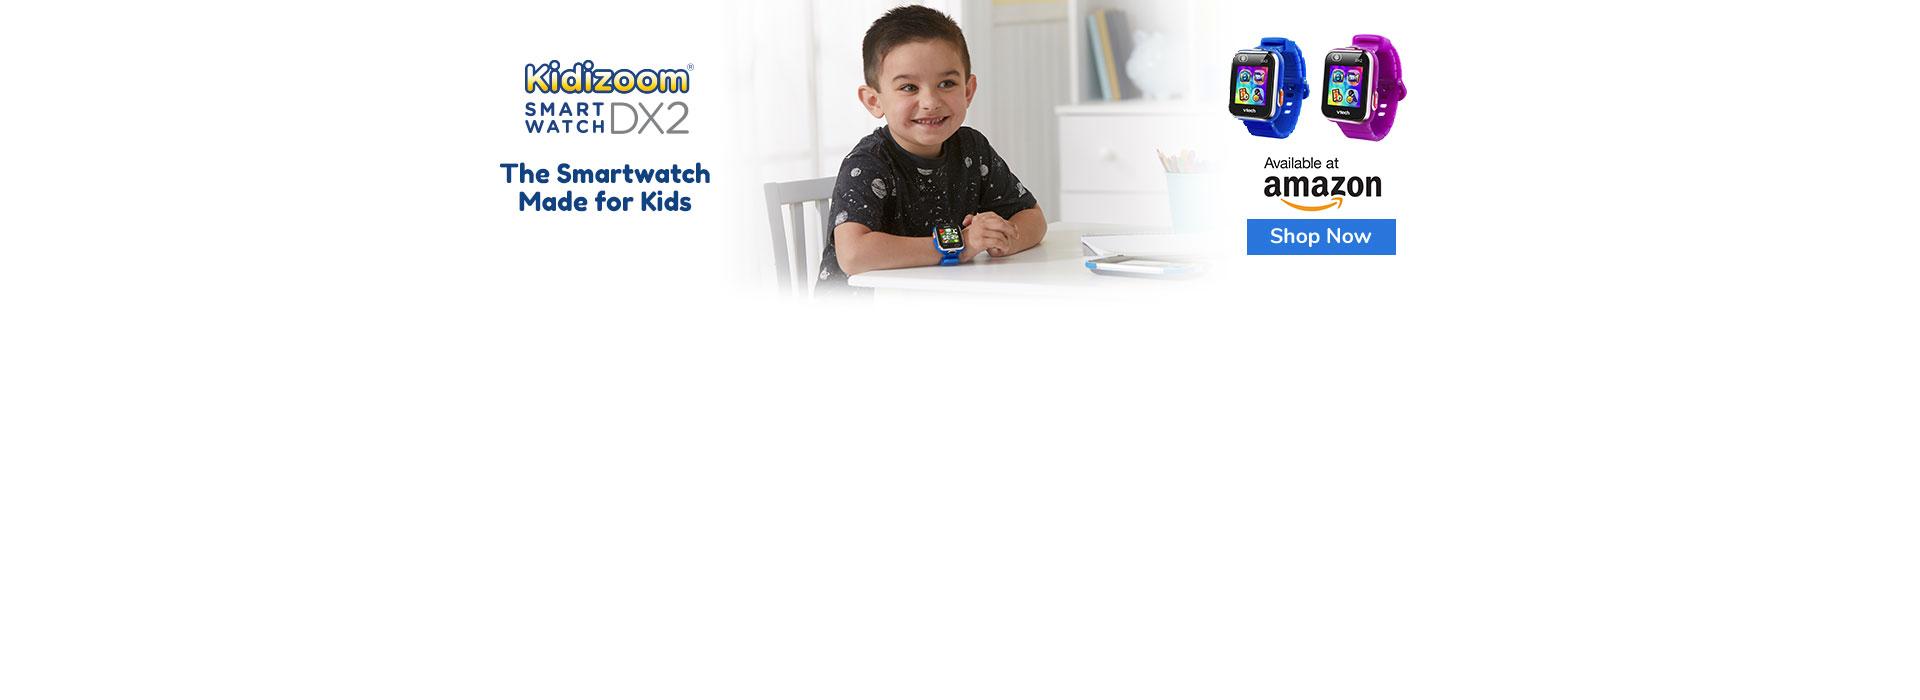 Amazon - Kidizoom Smartwatches